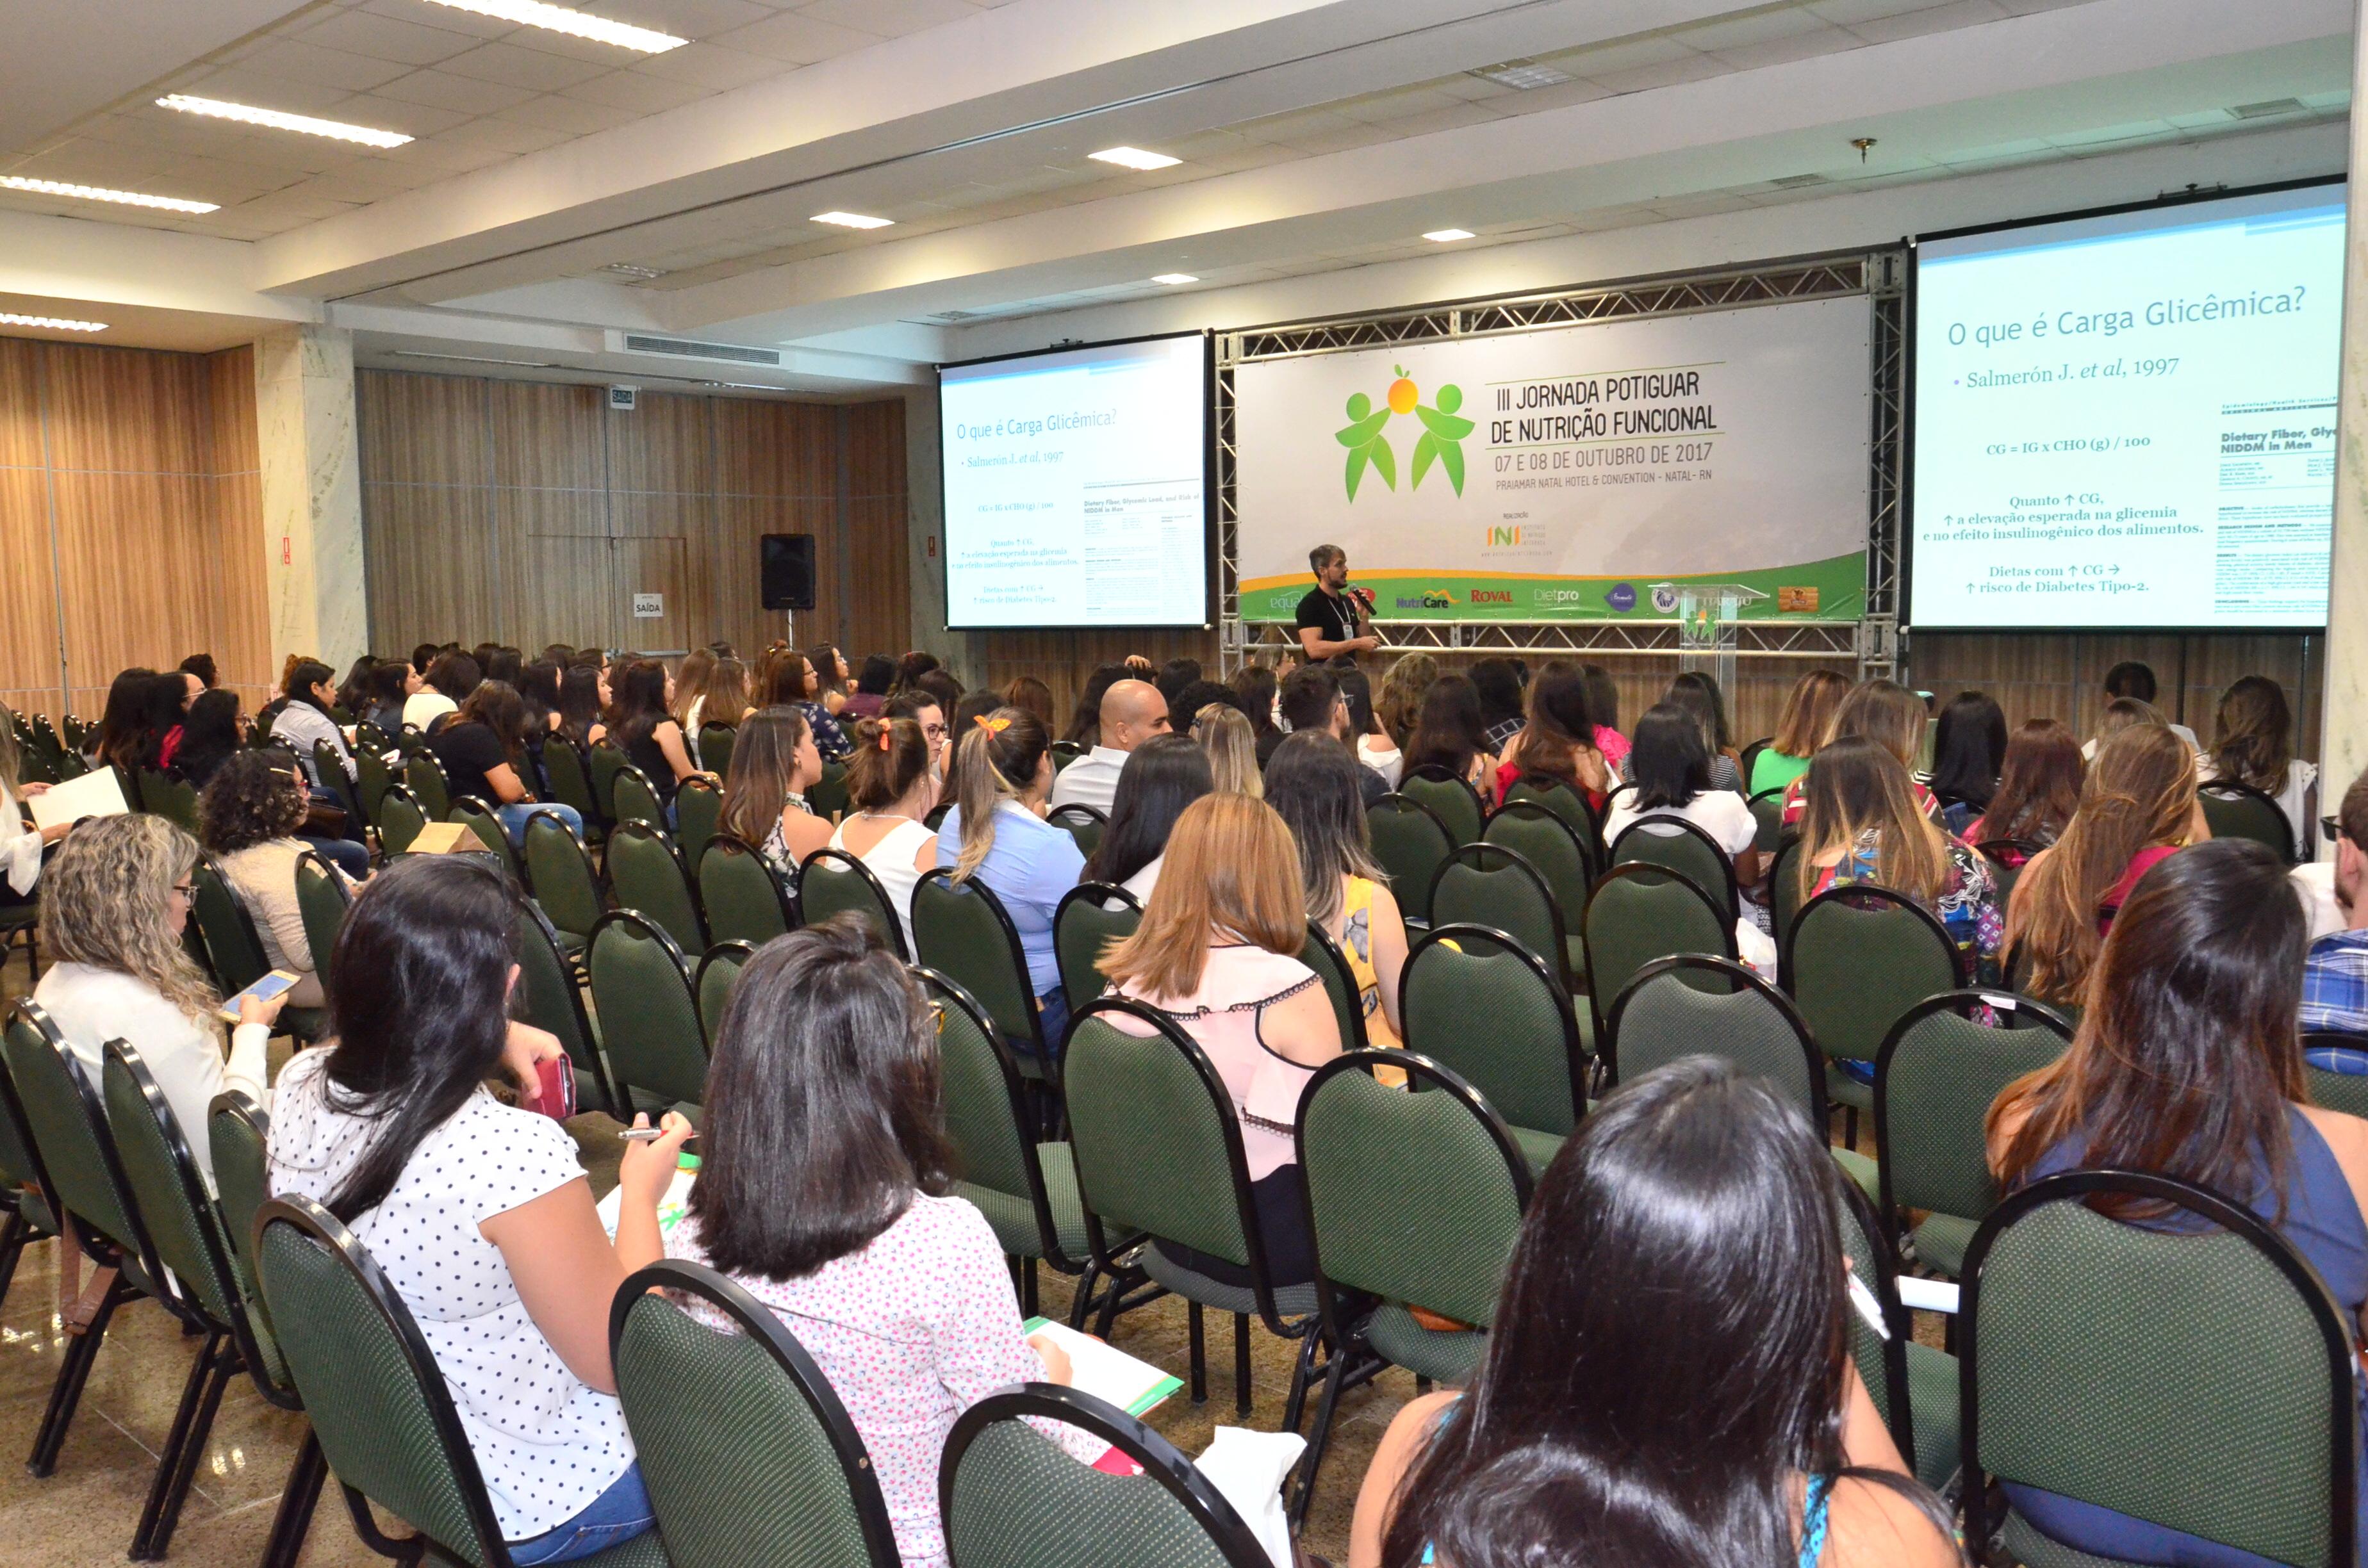 Jornada_de_Nutrição_Funcional_20